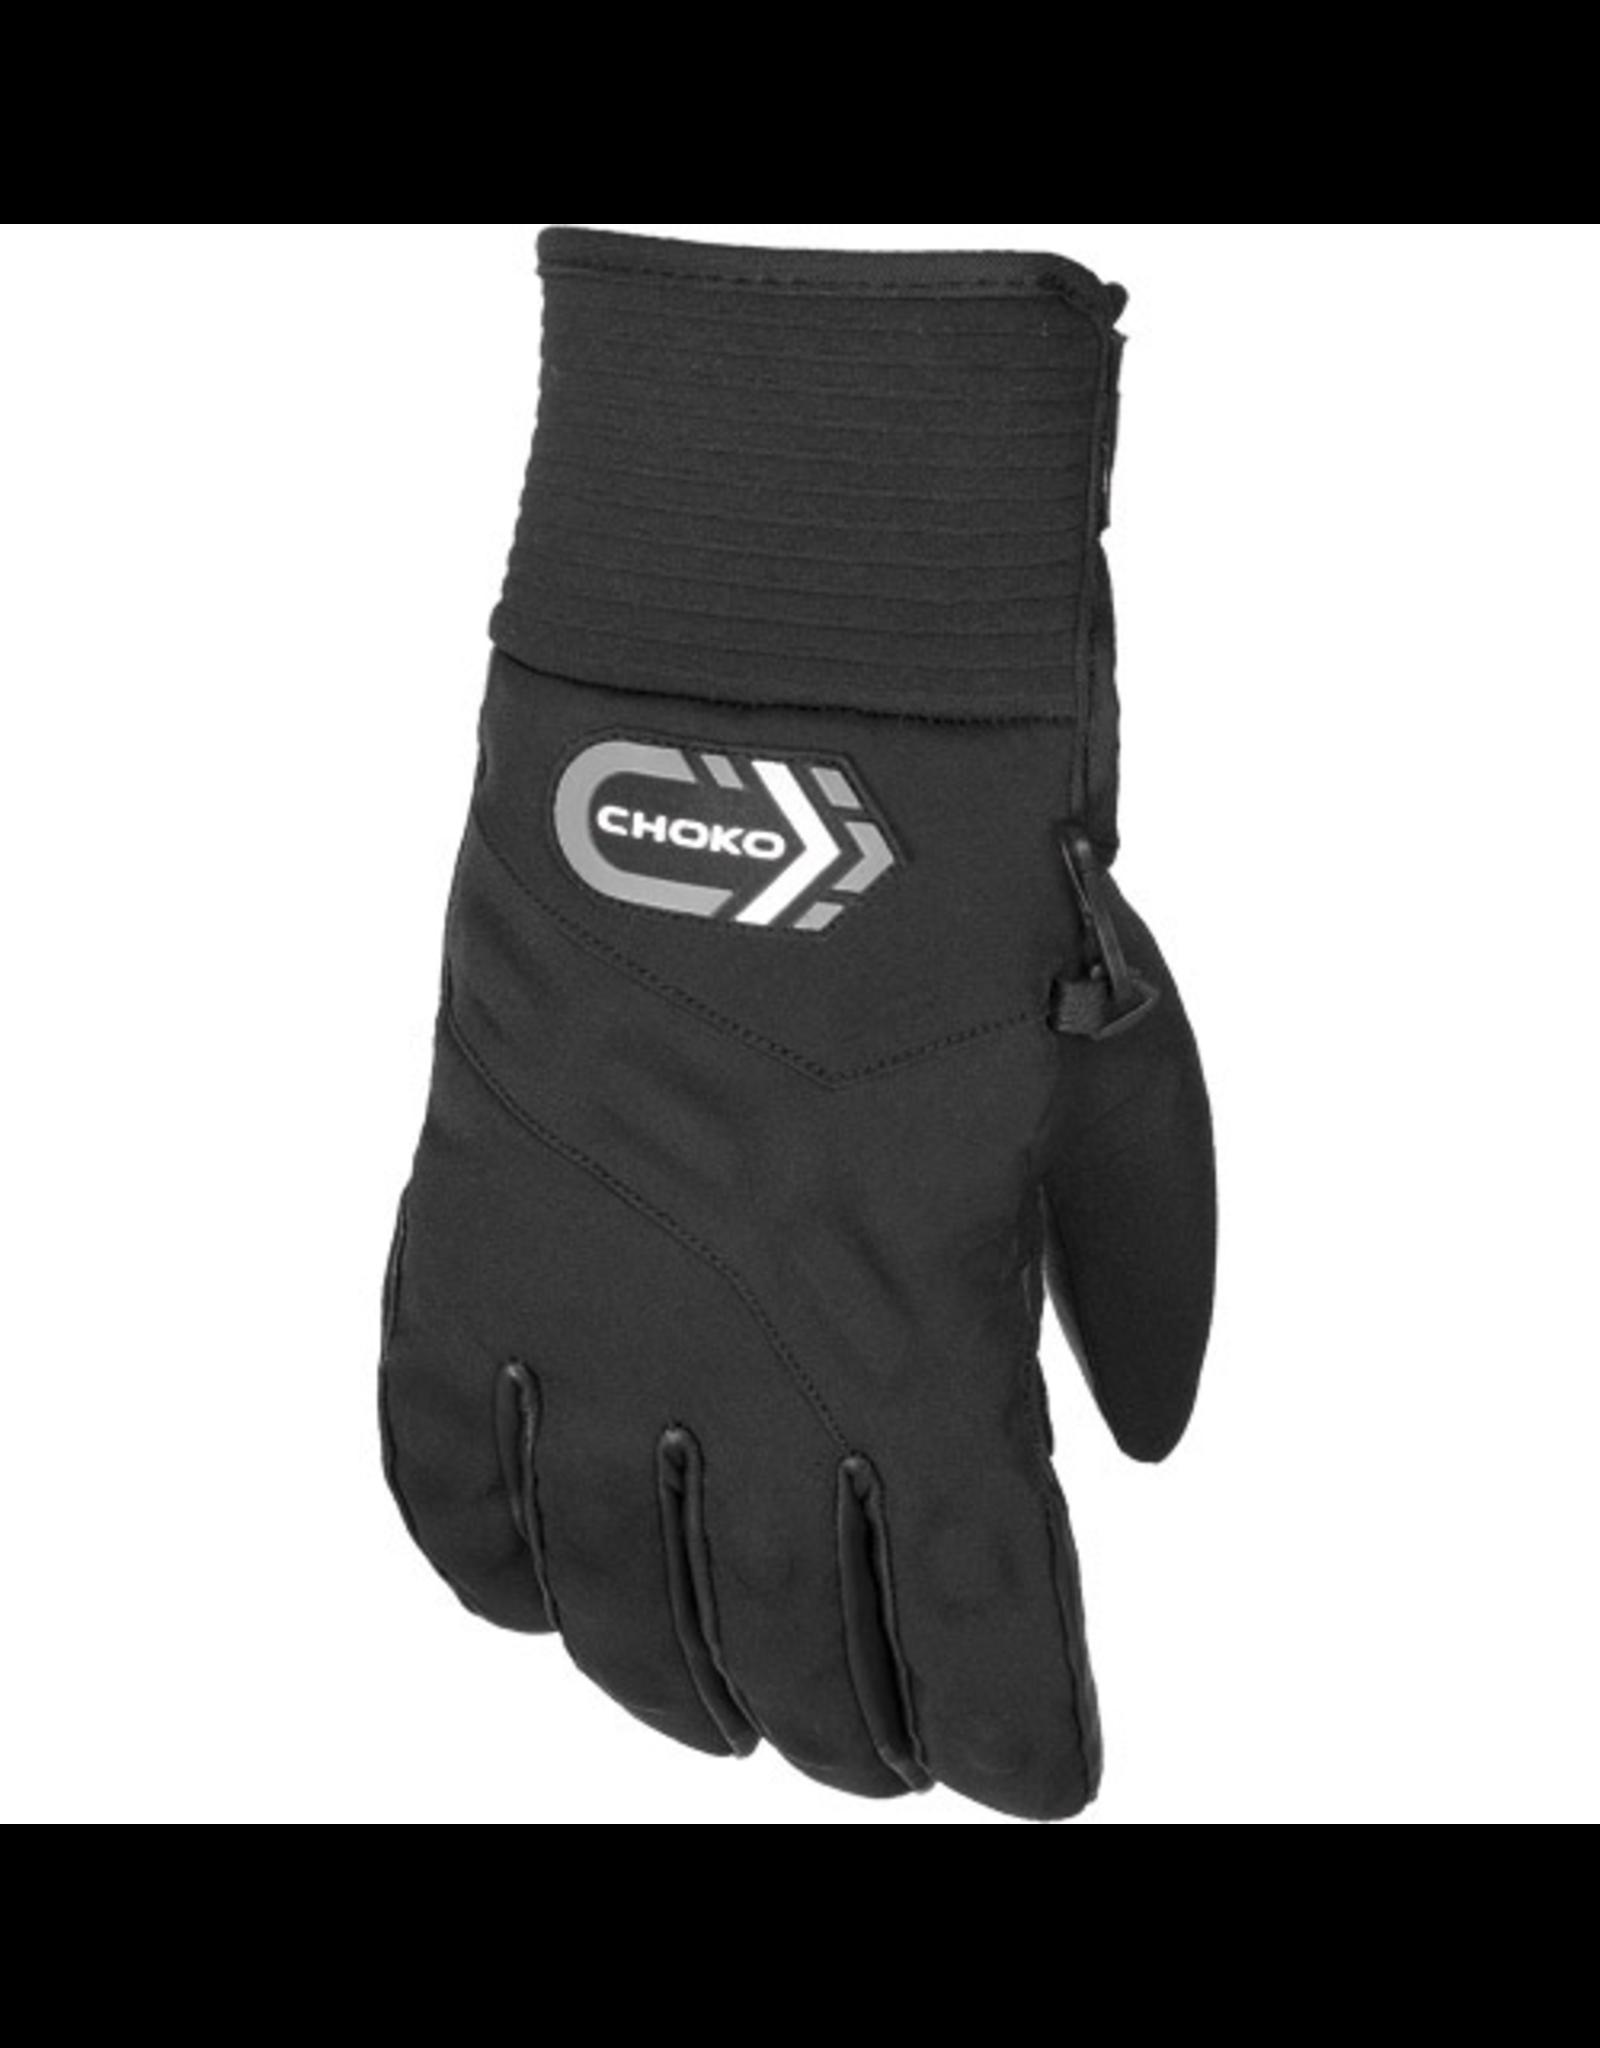 Choko Choko Mountain Leather/ Nylon Gloves